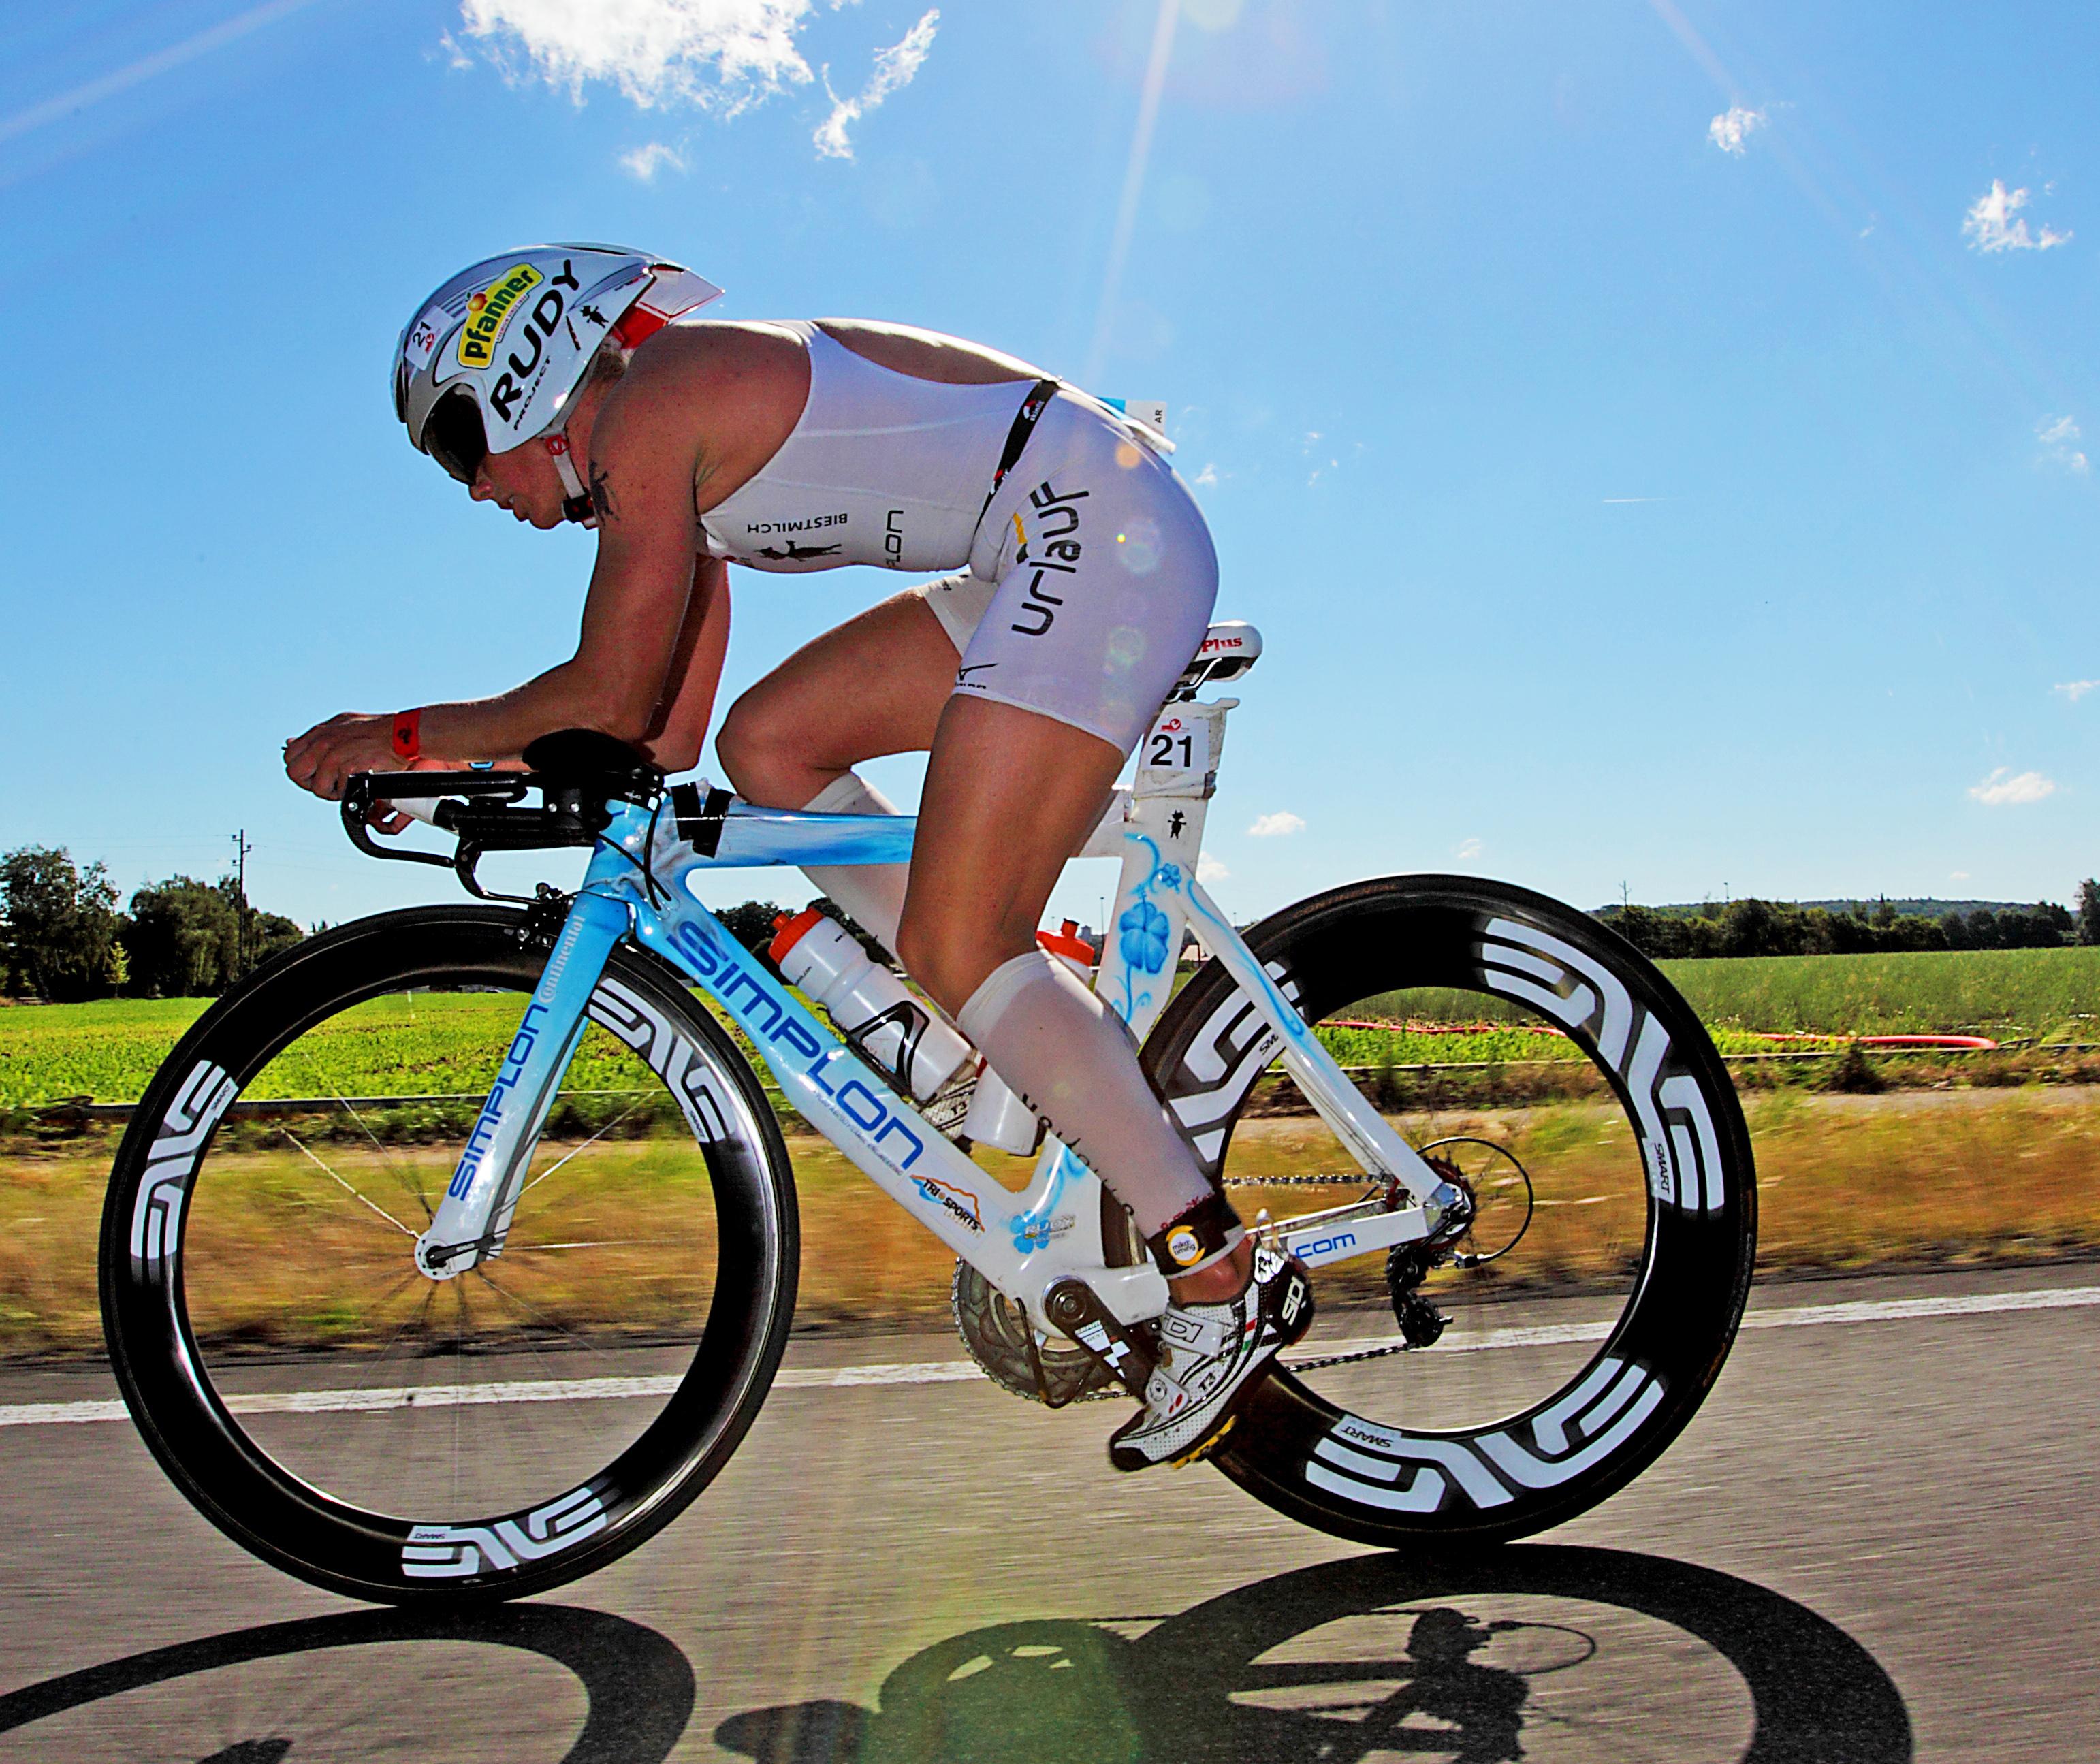 Yvonne van Vlerken fights to podium in Kraichgau with sensational bike-performance.